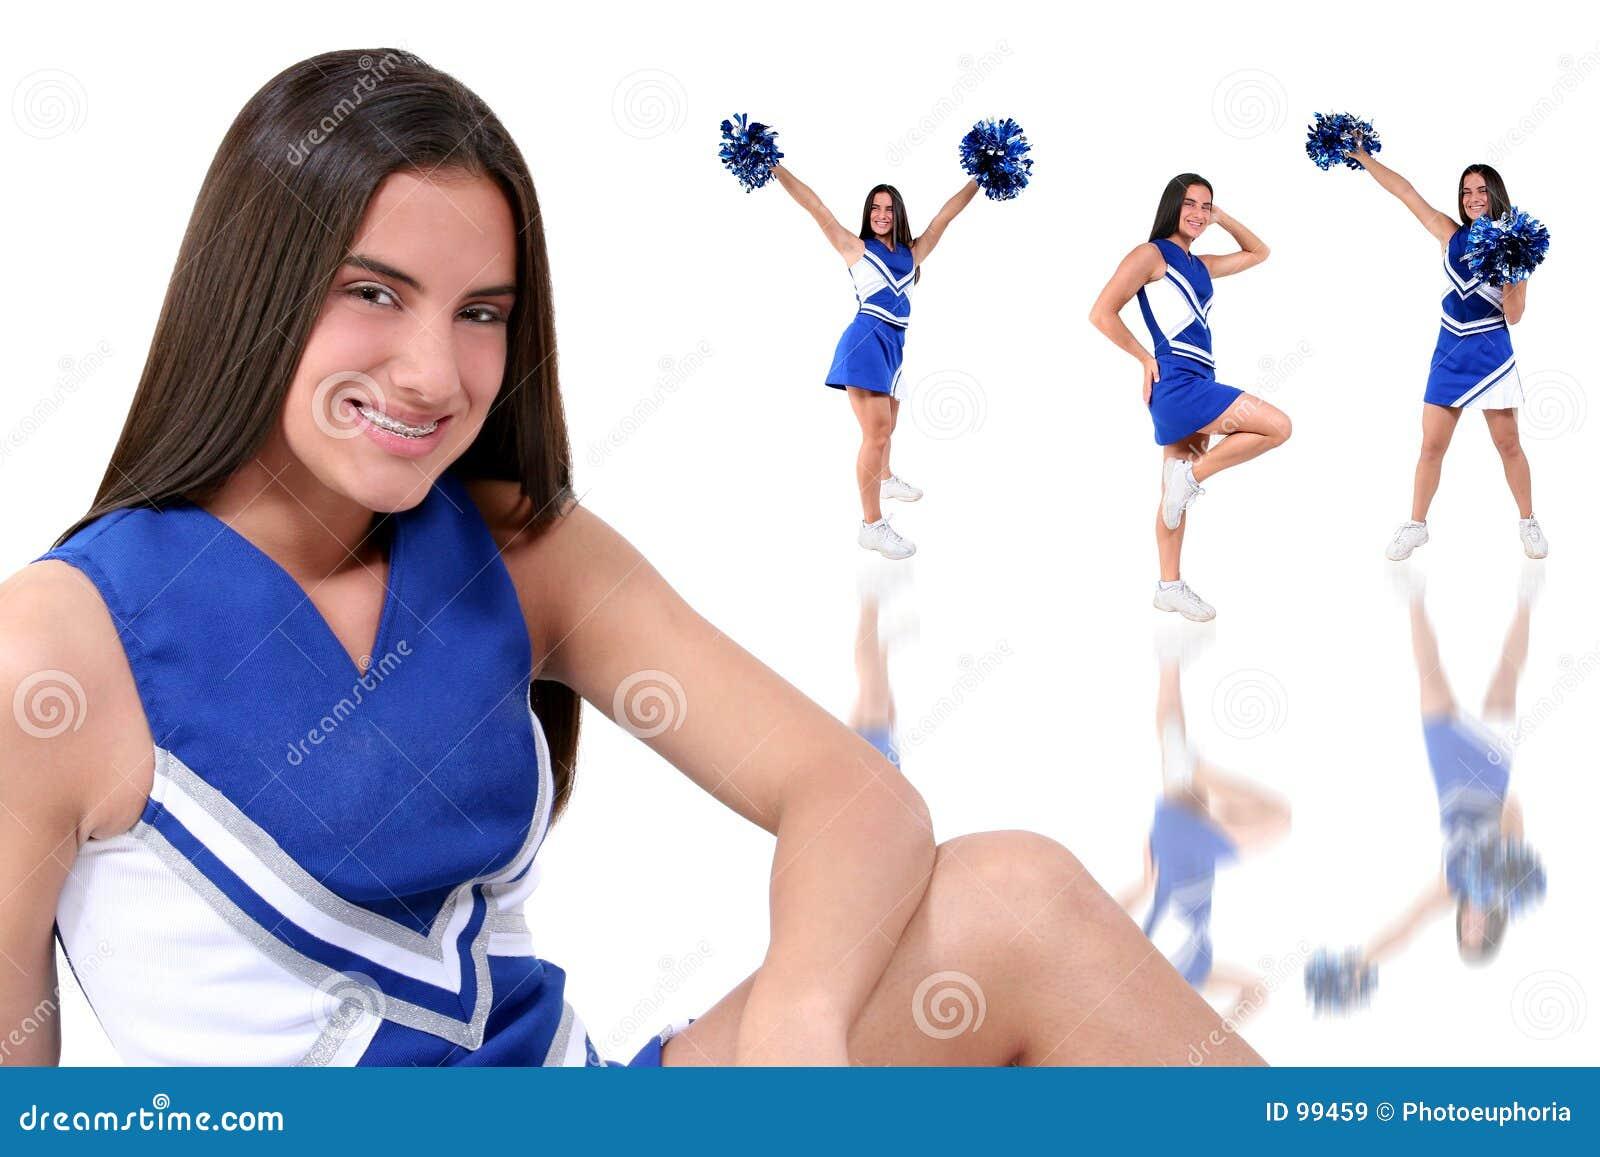 Similar teen girl cheerleaders